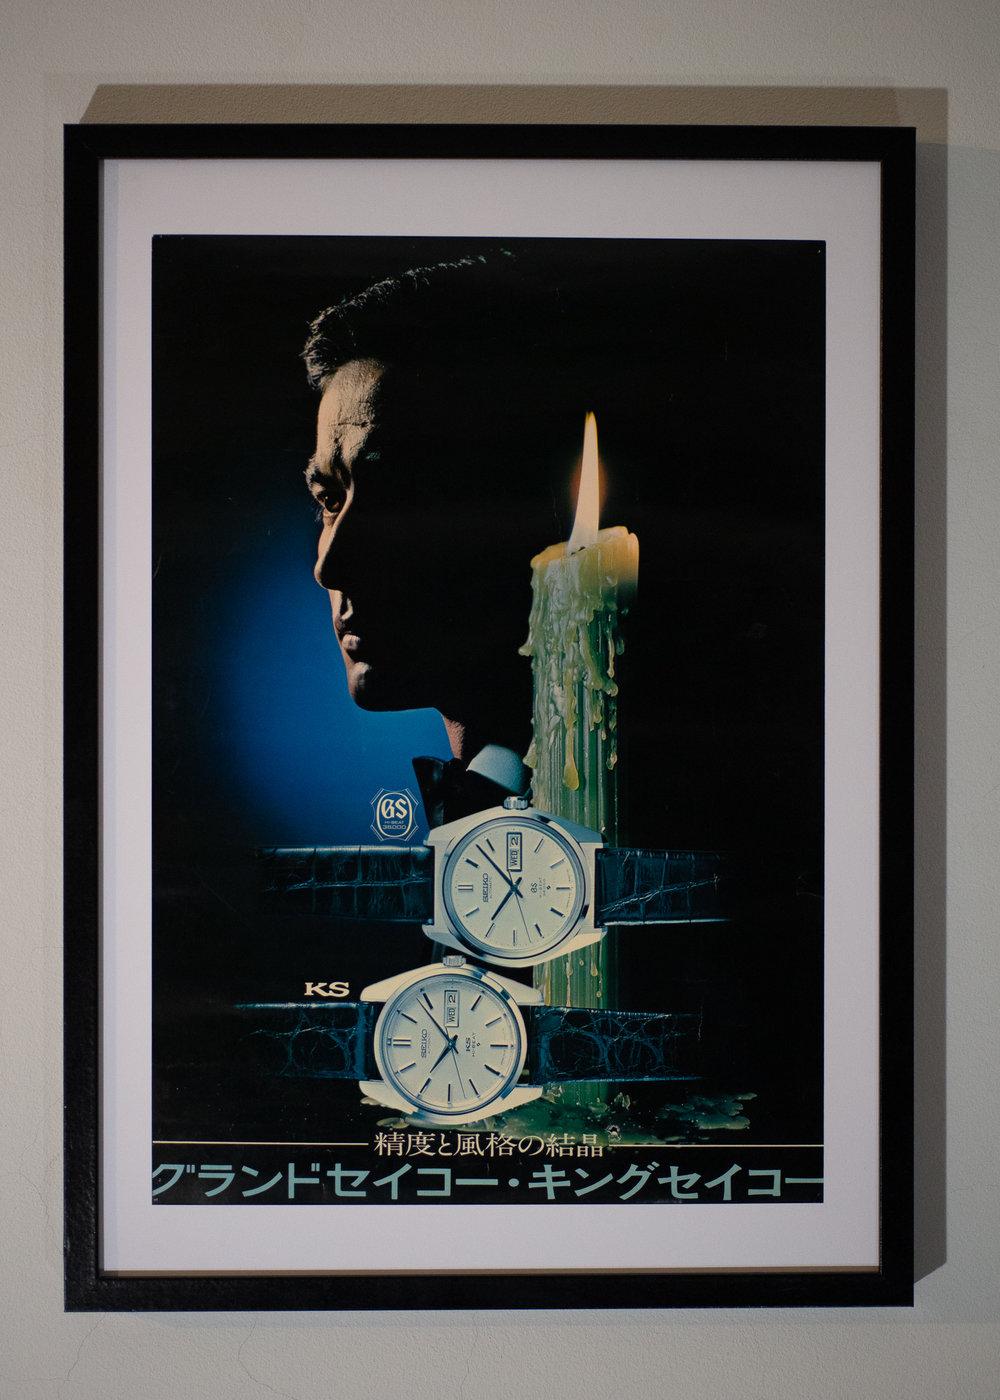 Grand Seiko - King Seiko Poster